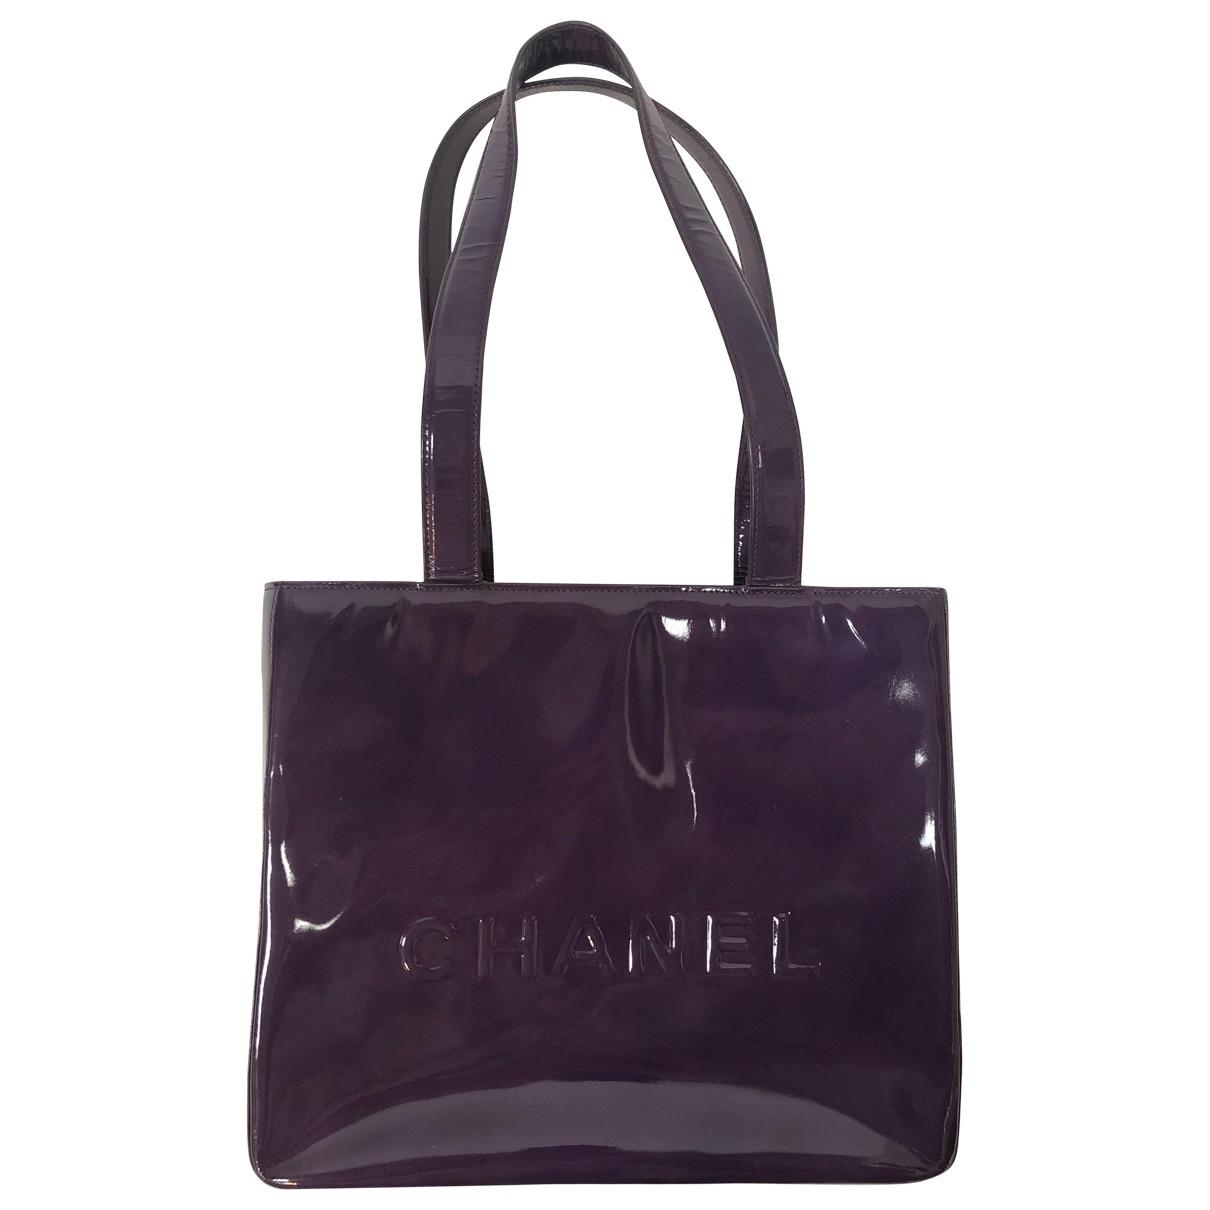 Chanel \N Handtasche in  Lila Lackleder